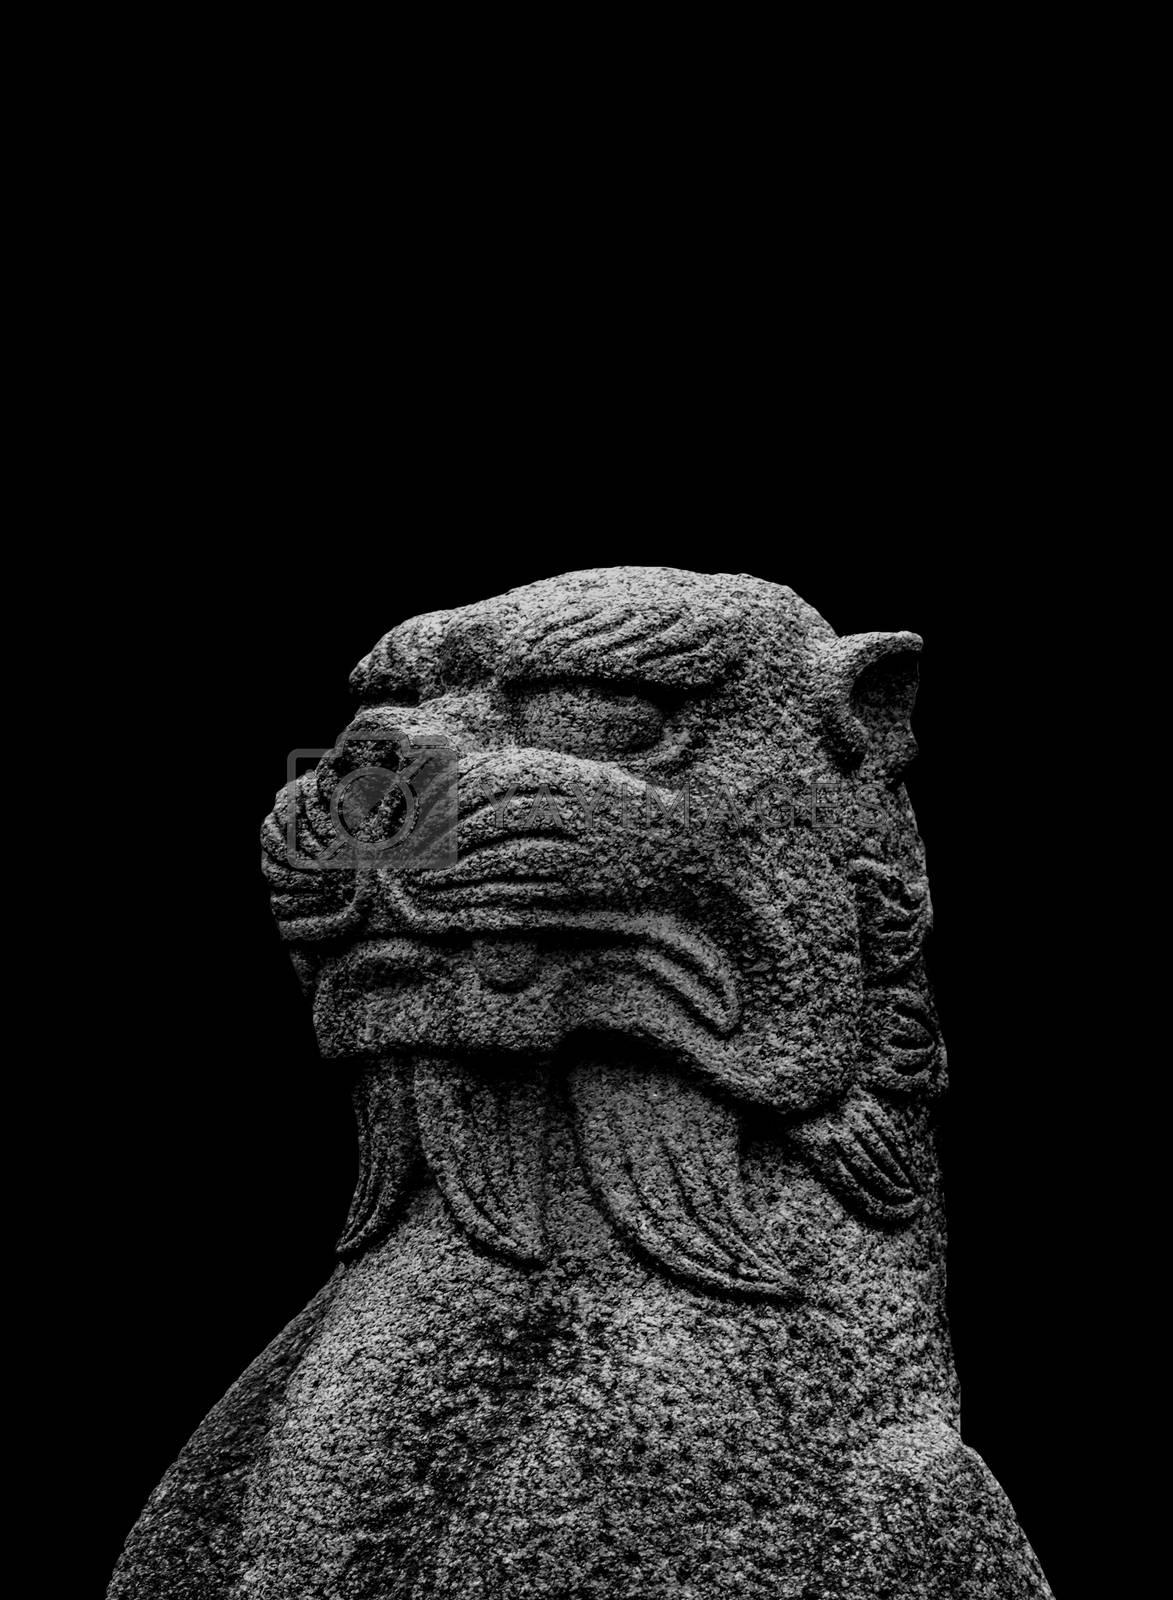 Japanese mythological feline stone sculpture isolated on black background